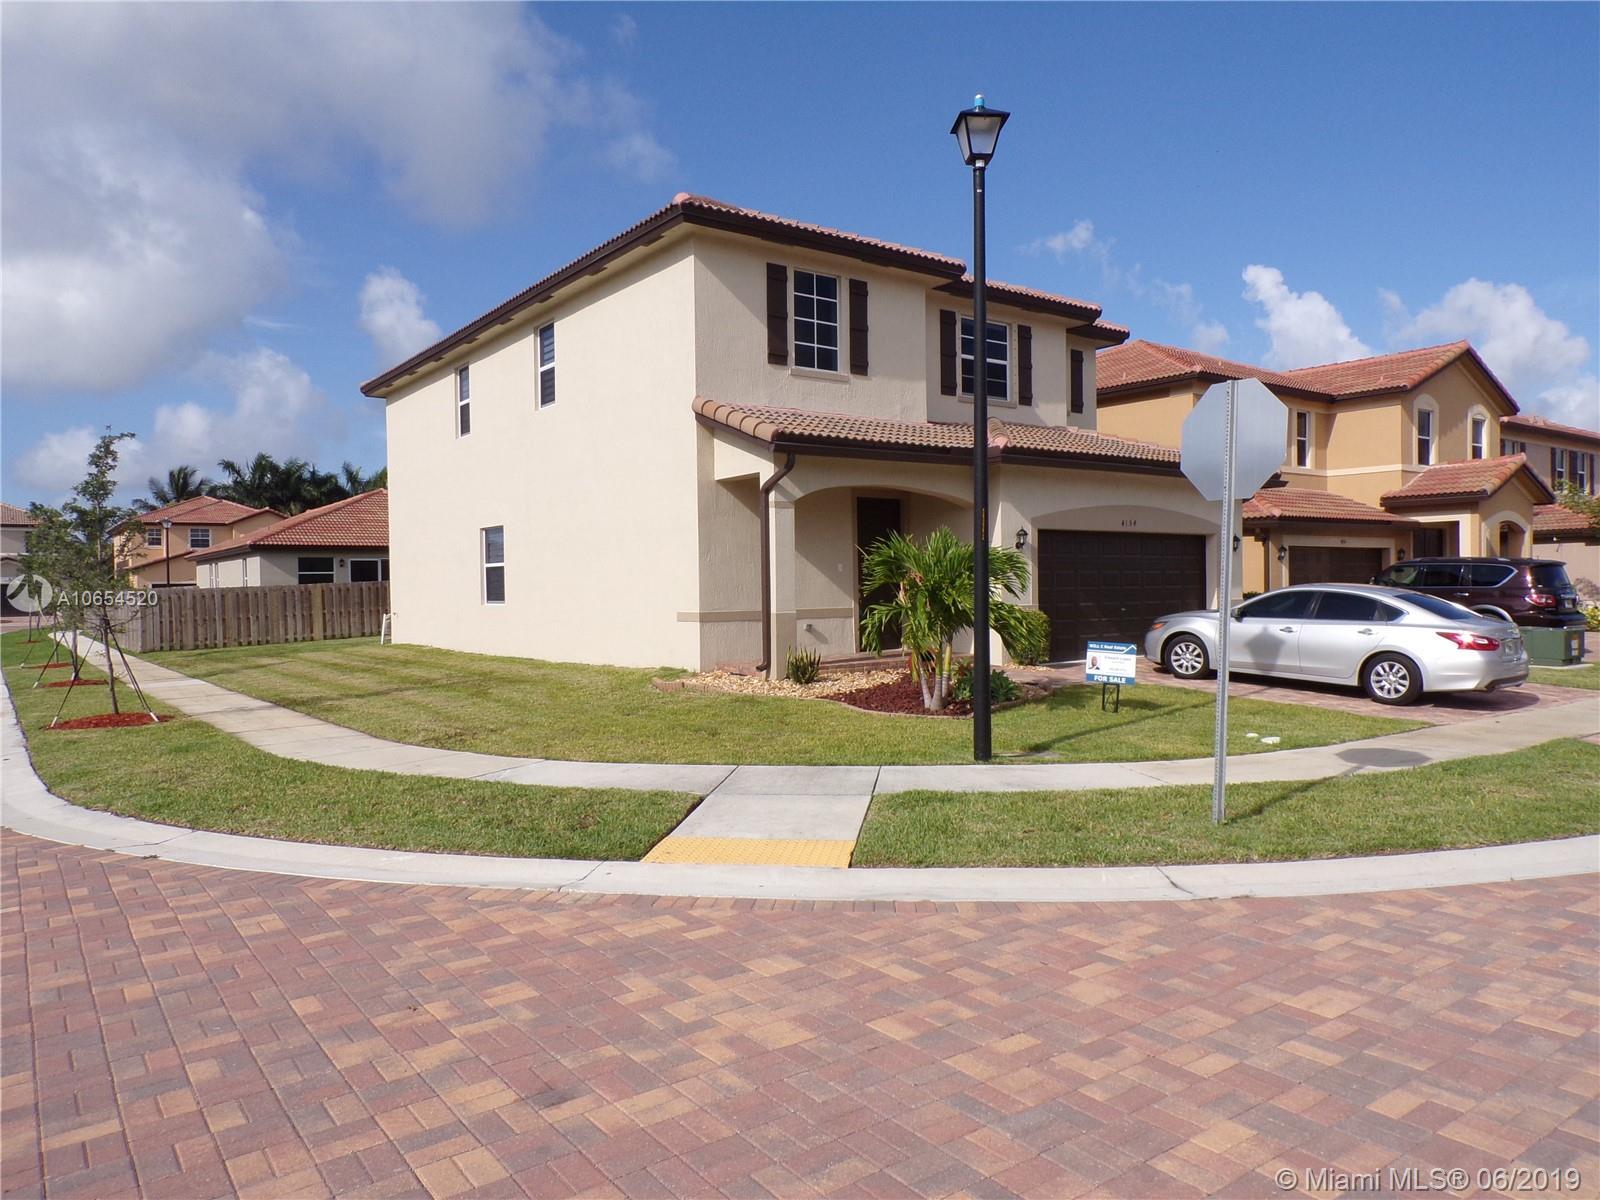 4154 NE 21st St, Homestead, FL 33033